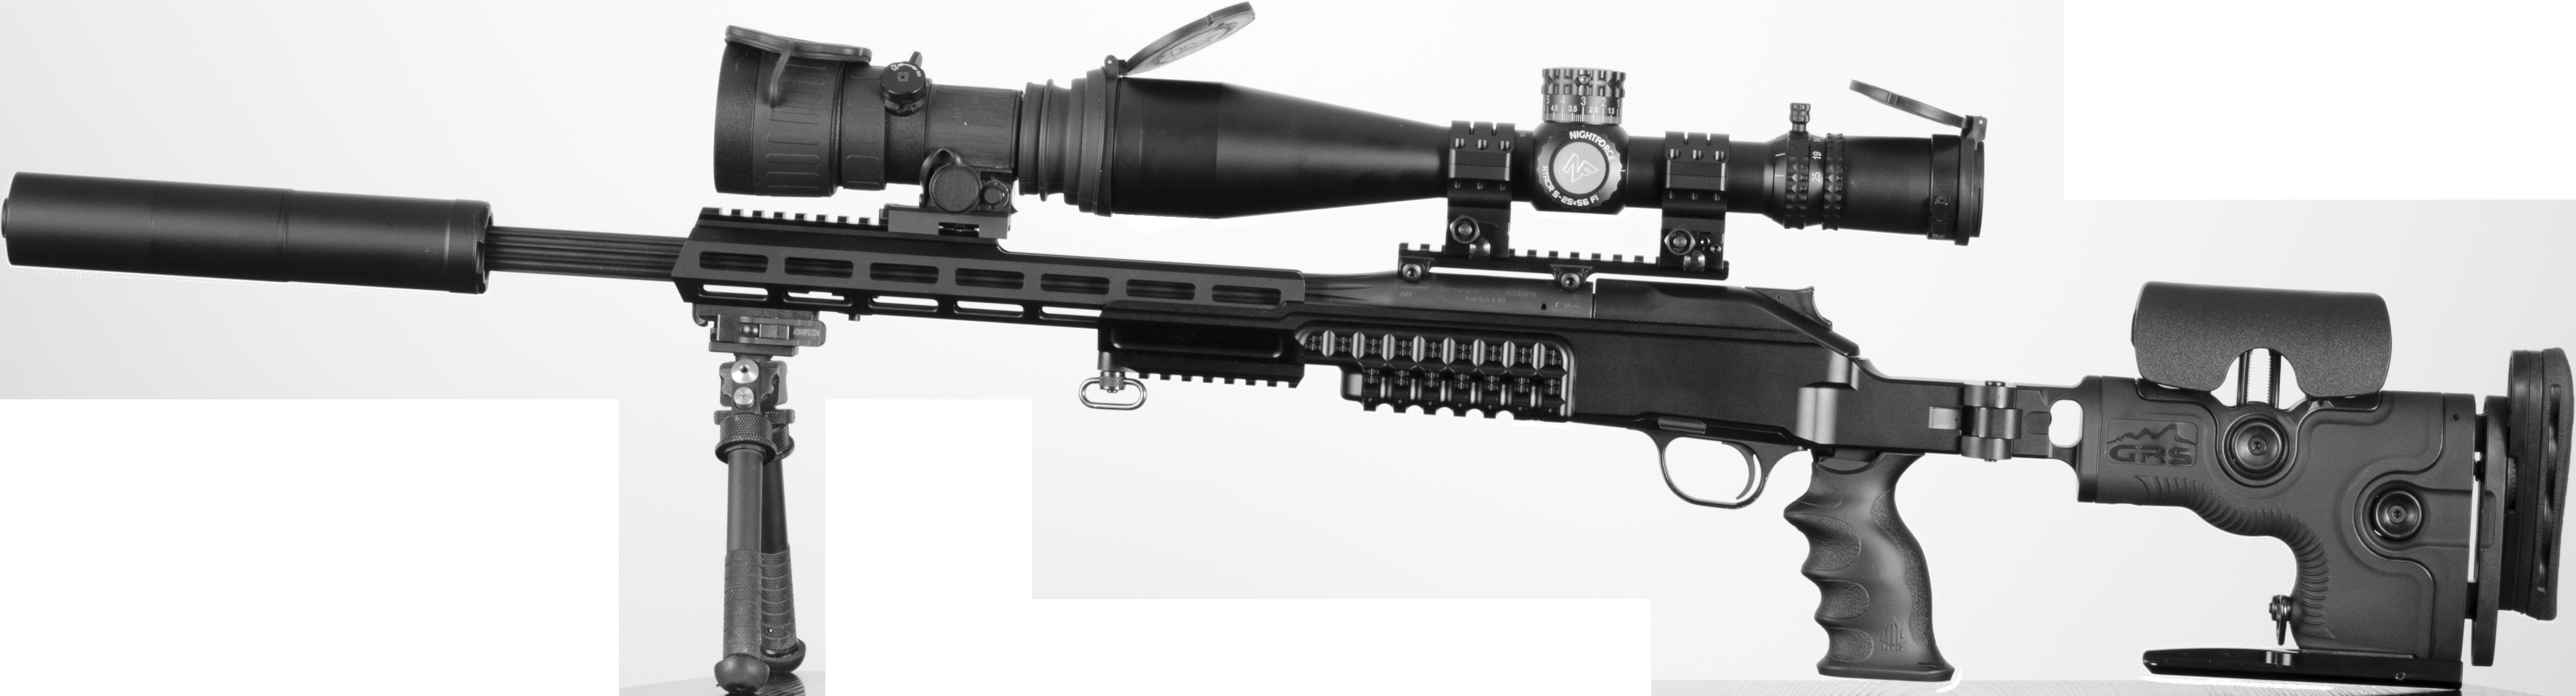 GRS Ragnarok_LeftView_Rifle_Blaser R8